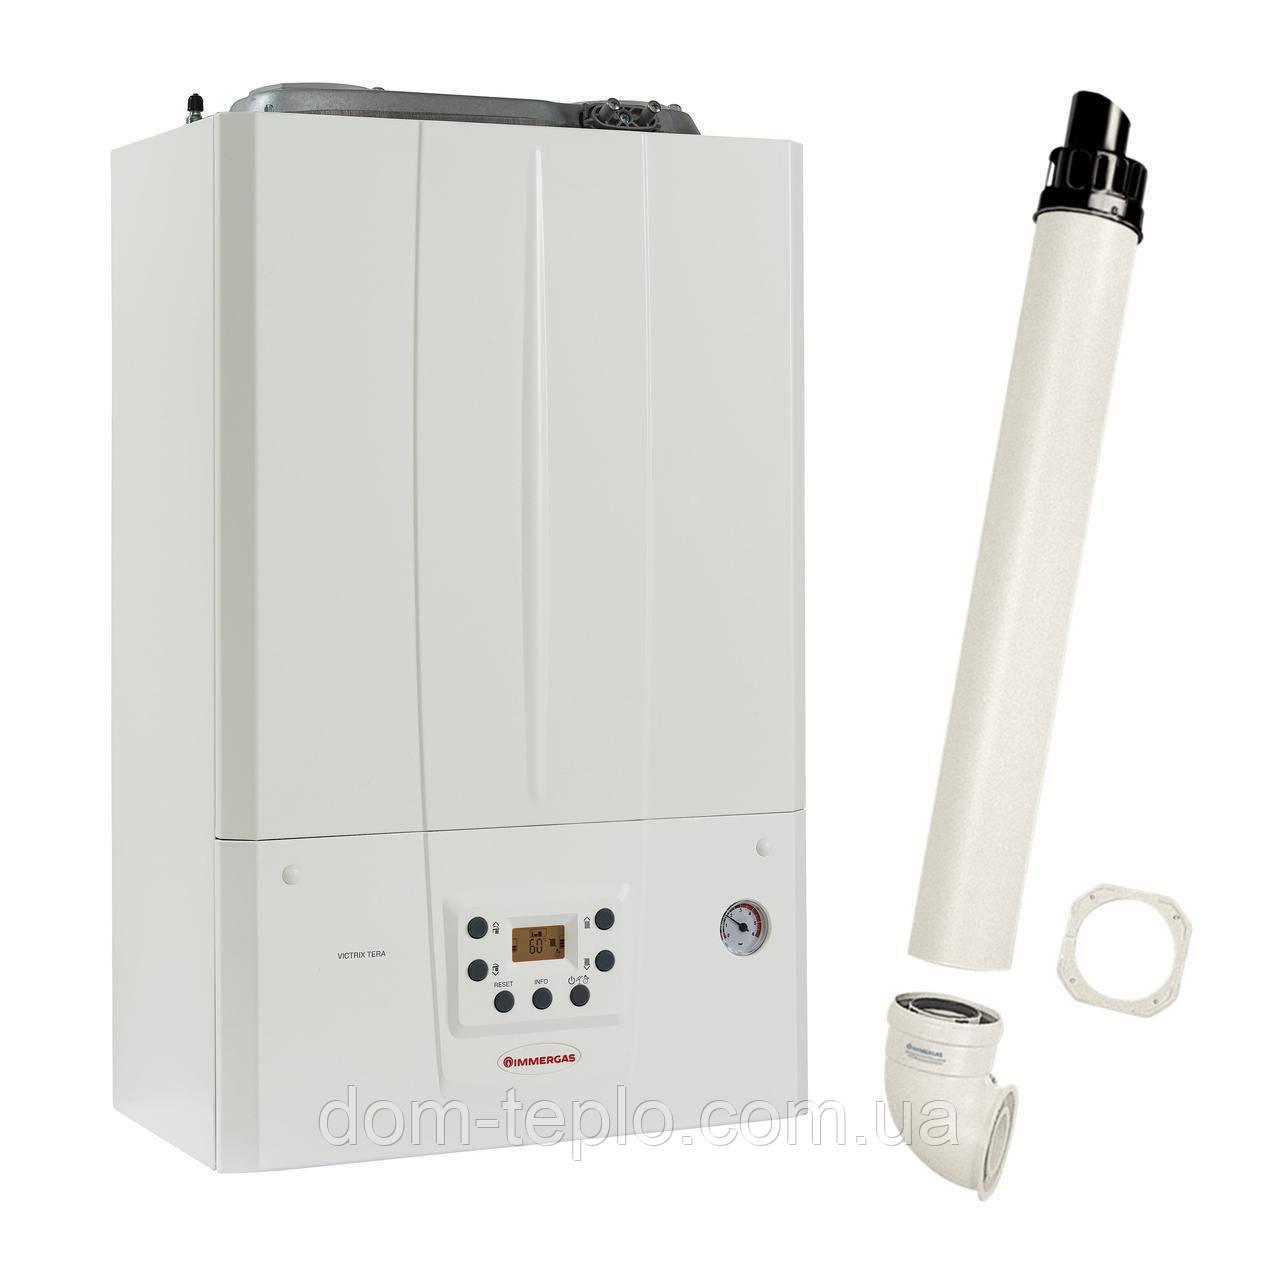 ❧ Котел конденсационный Immergas Victrix Tera 24 PLUS одноконтурный газовый